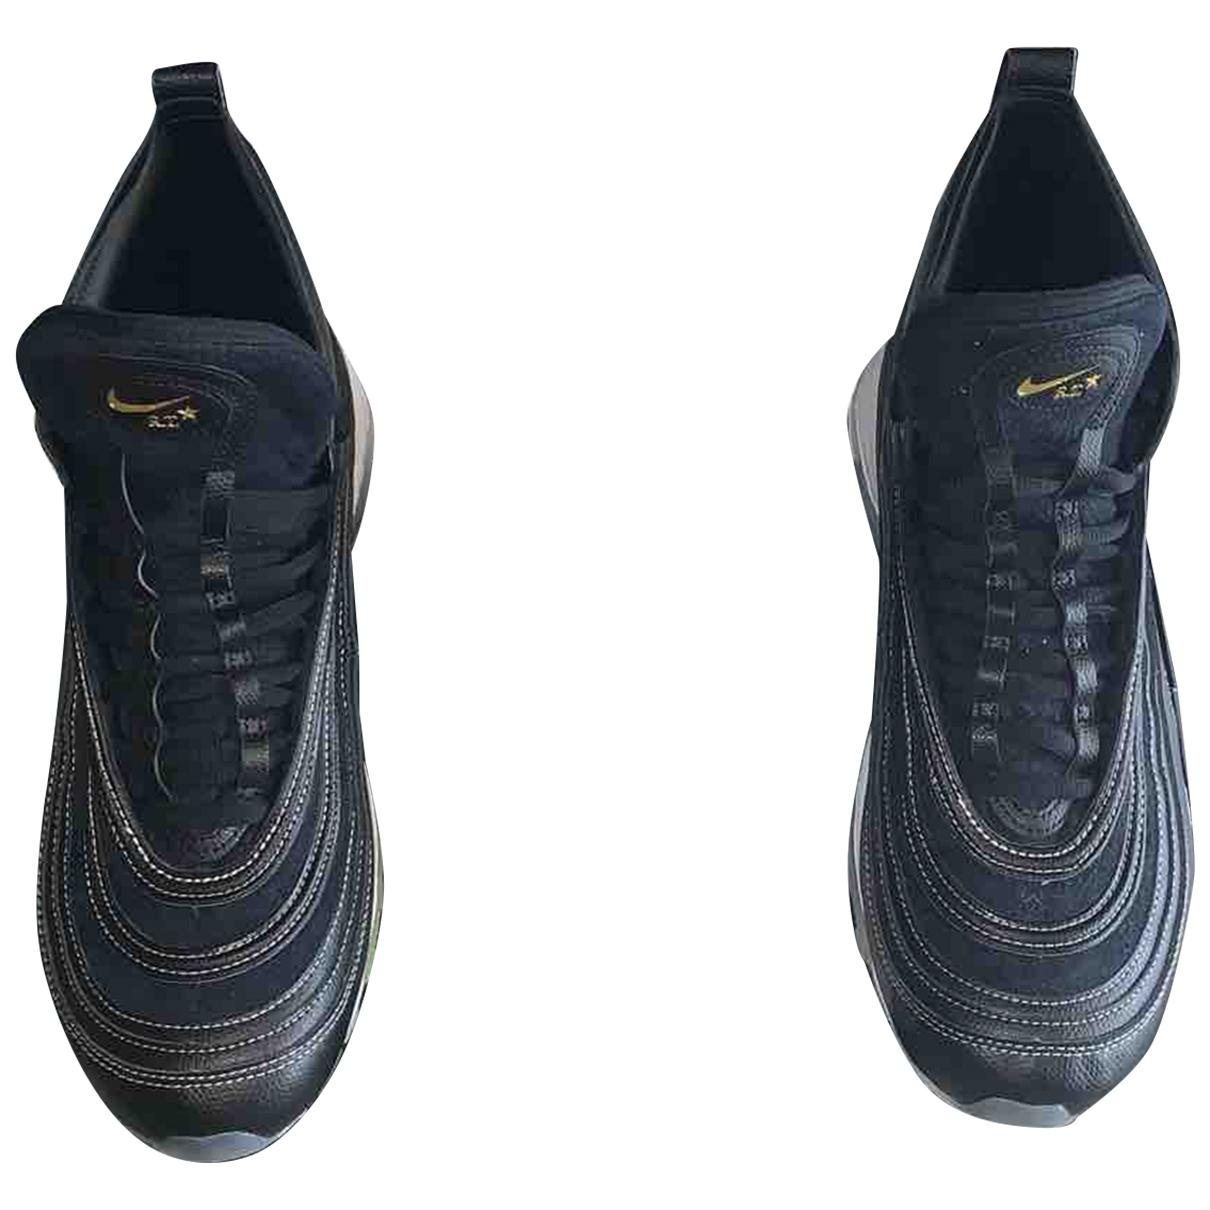 Nike By Riccardo Tisci Air Max 97 Sneakers in  Schwarz Leder